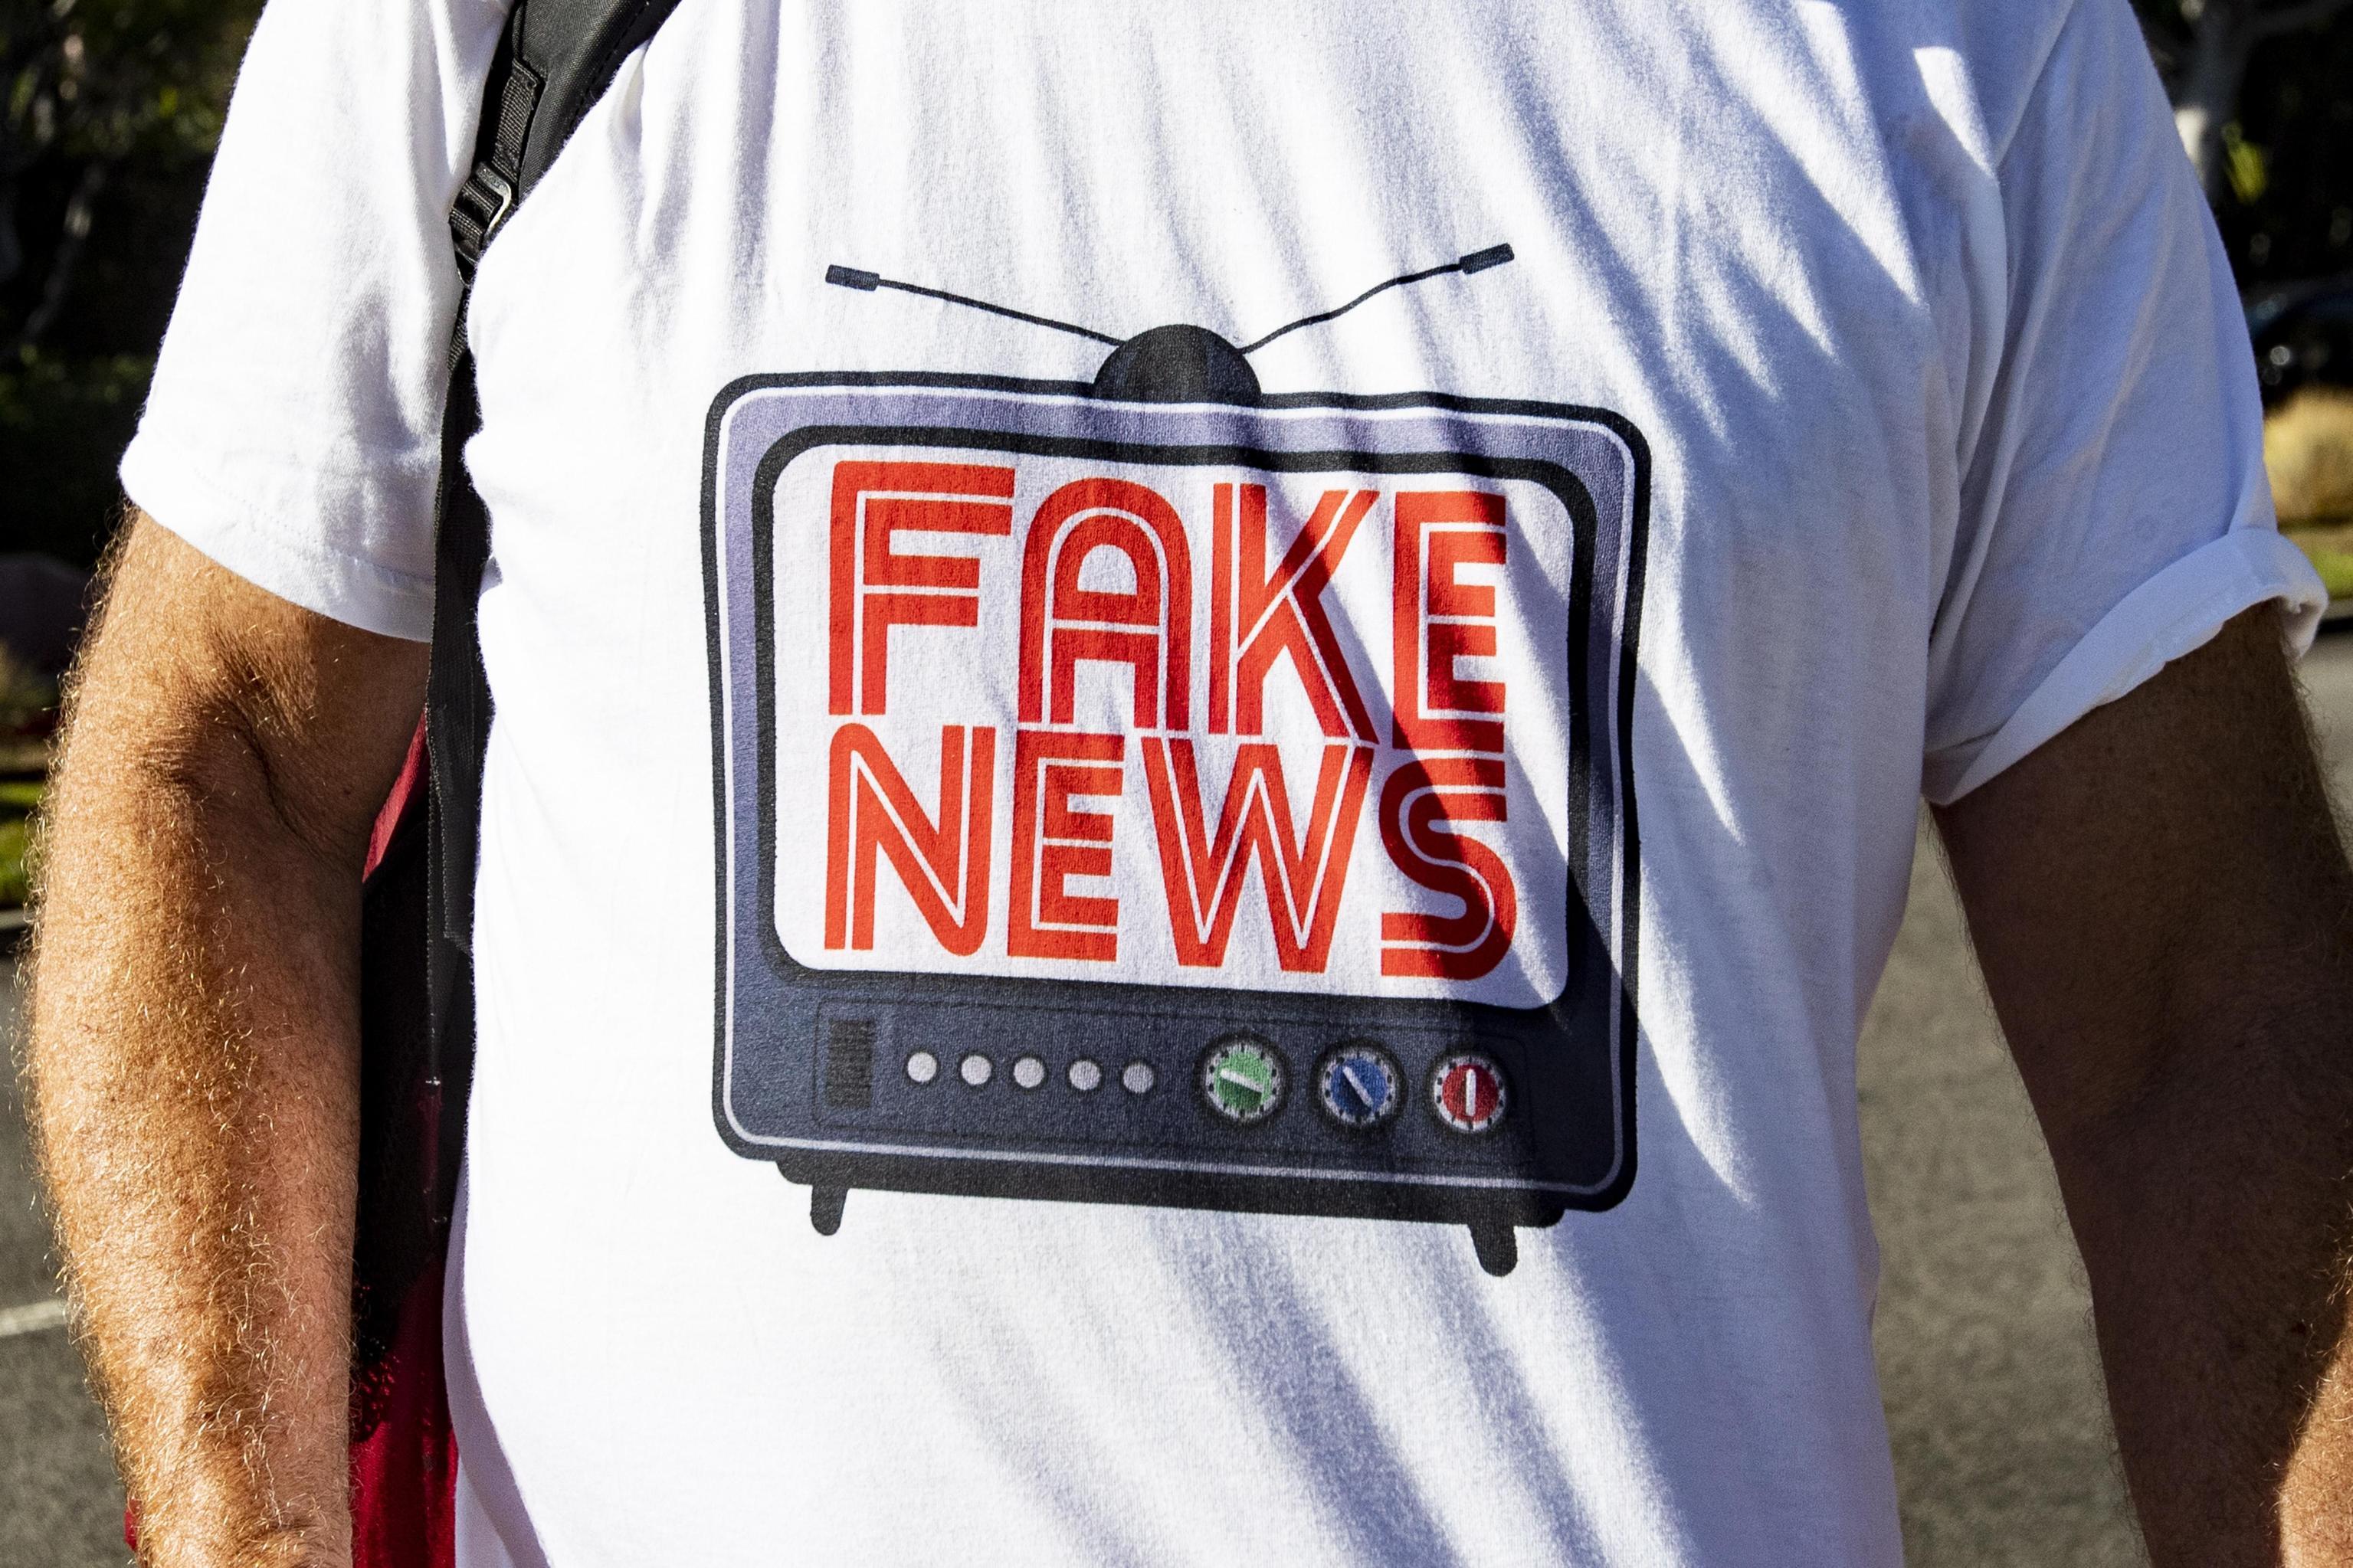 """Un oppositore indossa una maglietta che fa un chiaro riferimento all'accusa spesso rivolta al presidente Trump, quella di diffondere """"Fake News"""""""